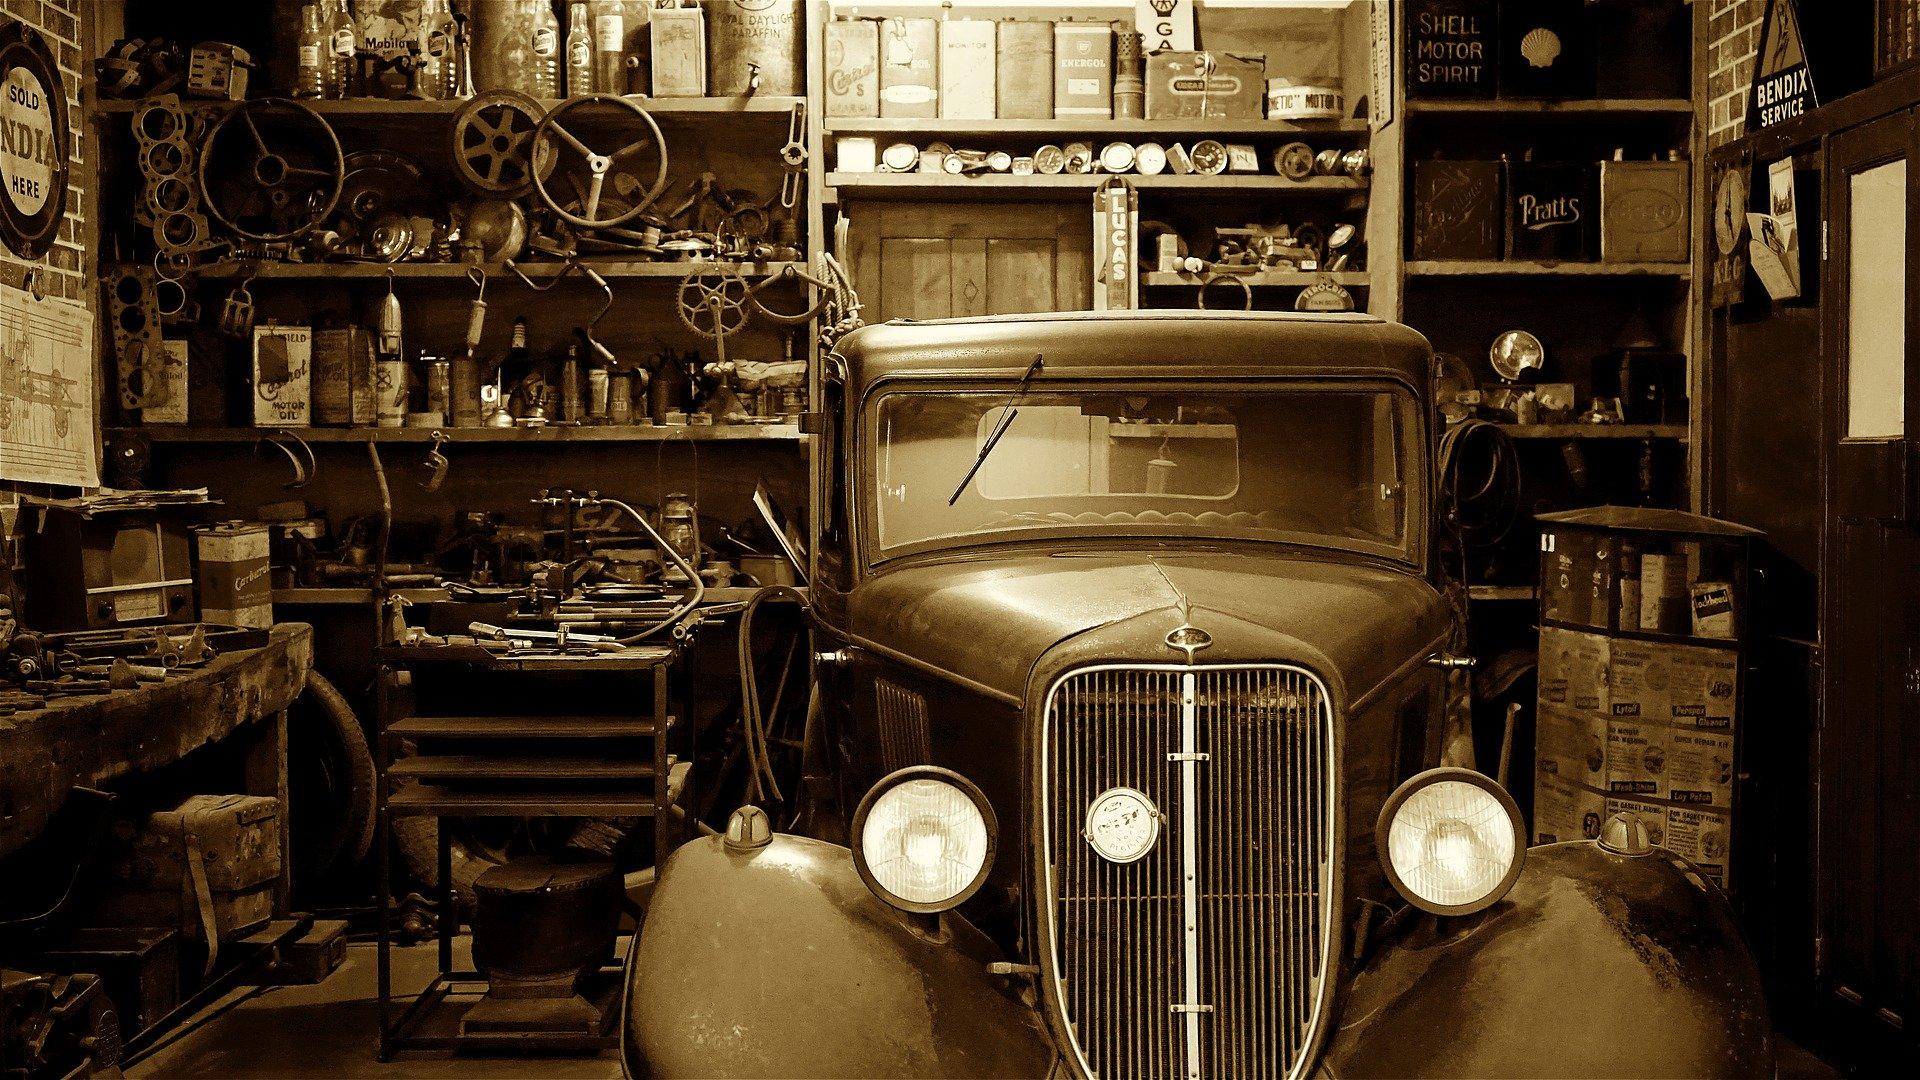 קונה רכבים לפירוק במזומן – לא תבדקו?